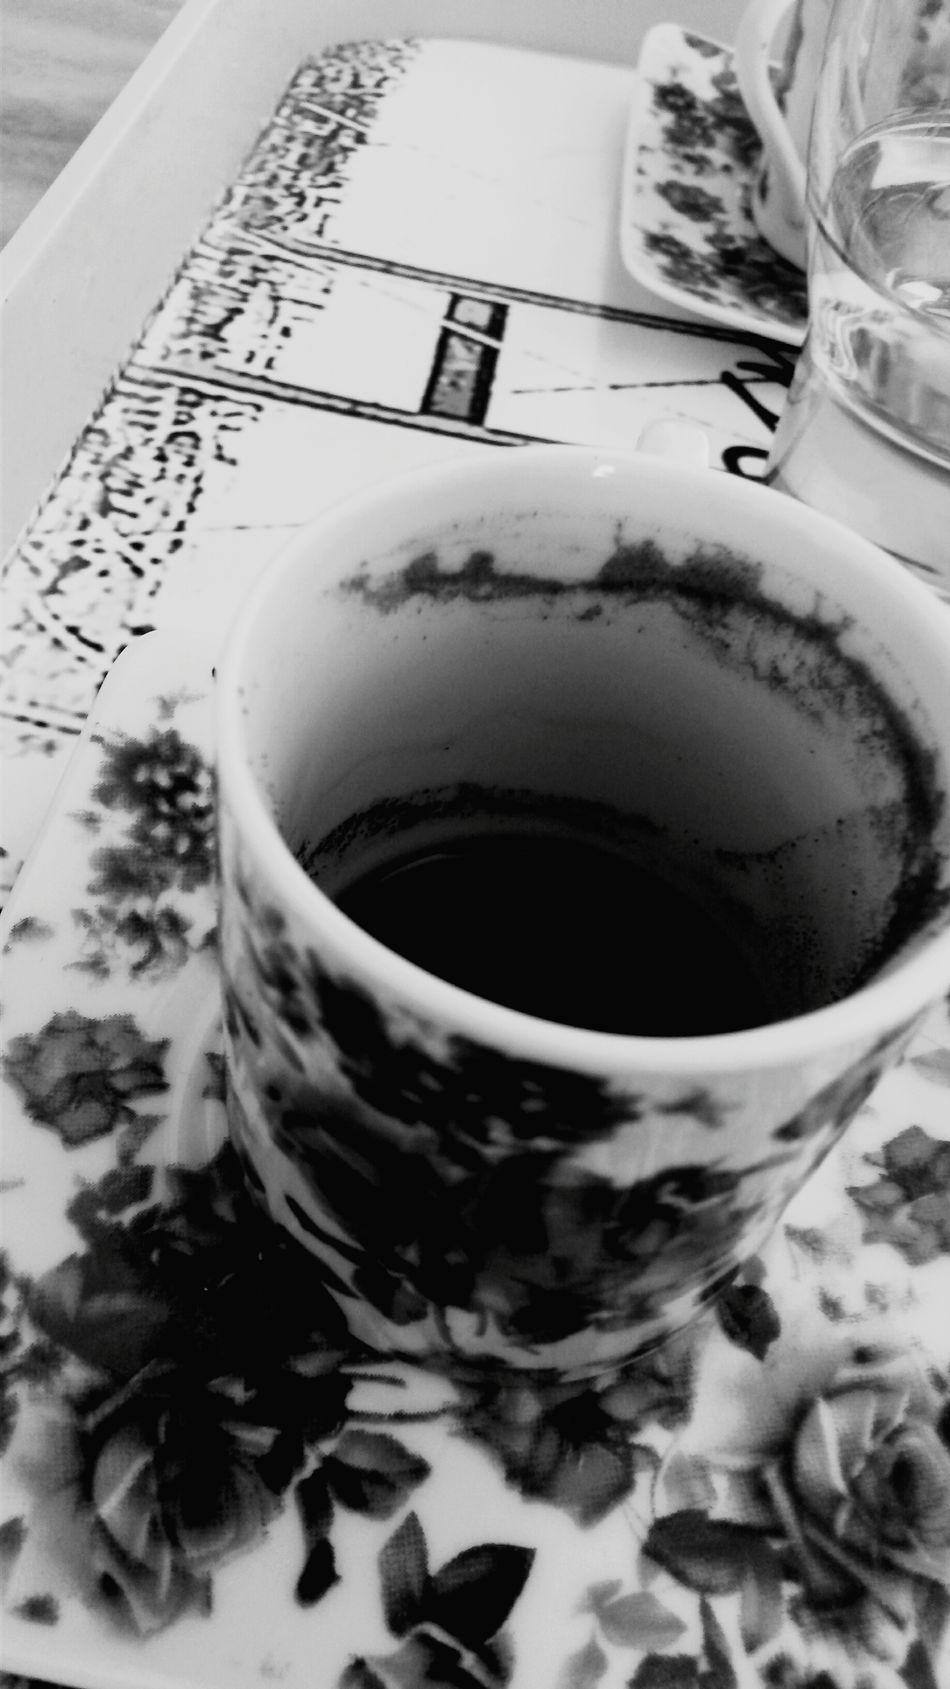 Bi Kahve ?Yakalım mı bi sigara, içimizde ölenlerin şerefine... gömmeyelim yakalım onlarida... N.E Gelsen Diyorum Drink Food And Drink Refreshment Tea Cup Cup Tea - Hot Drink Saucer Freshness Close-up Indoors  No People Day